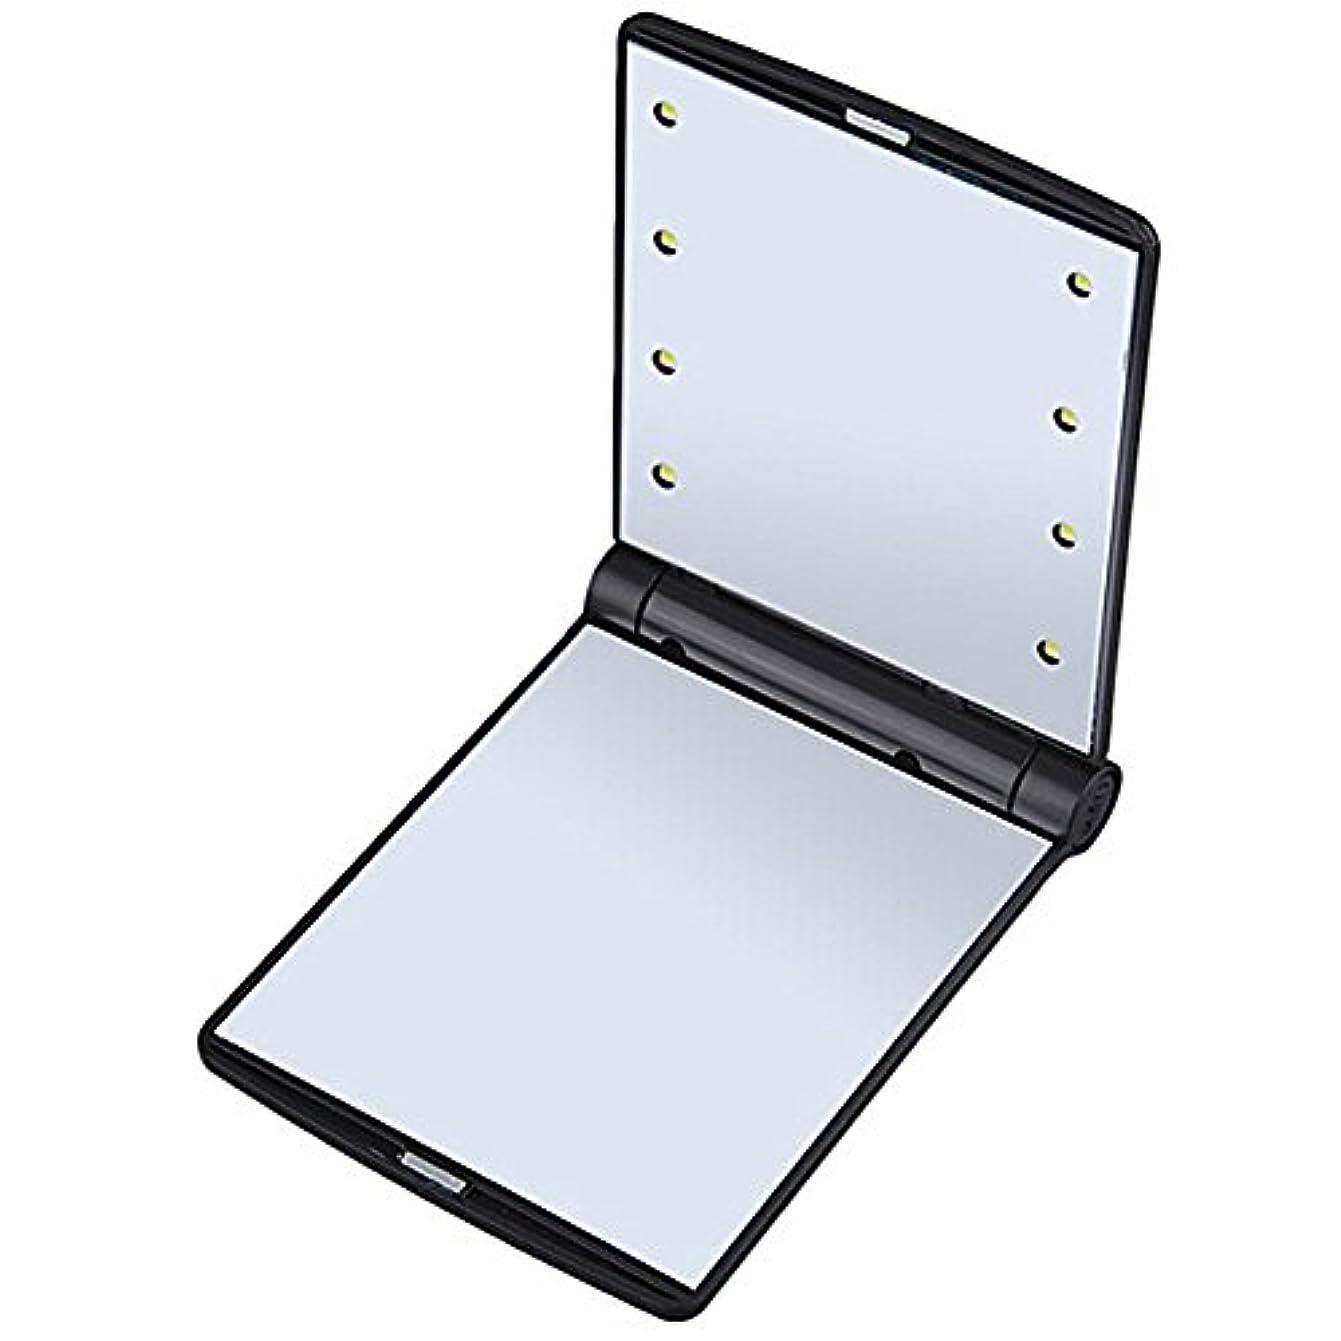 フローティング呼び出す繰り返しB-PING 鏡 化粧鏡 女優ミラー 調光型二面鏡 拡大鏡付き 330度調節可能 コンパクトミラー スタンドミラー 折りたたみ式 二面鏡 LED ライト8個 無印タイプ 5色のオプション (ブラック)